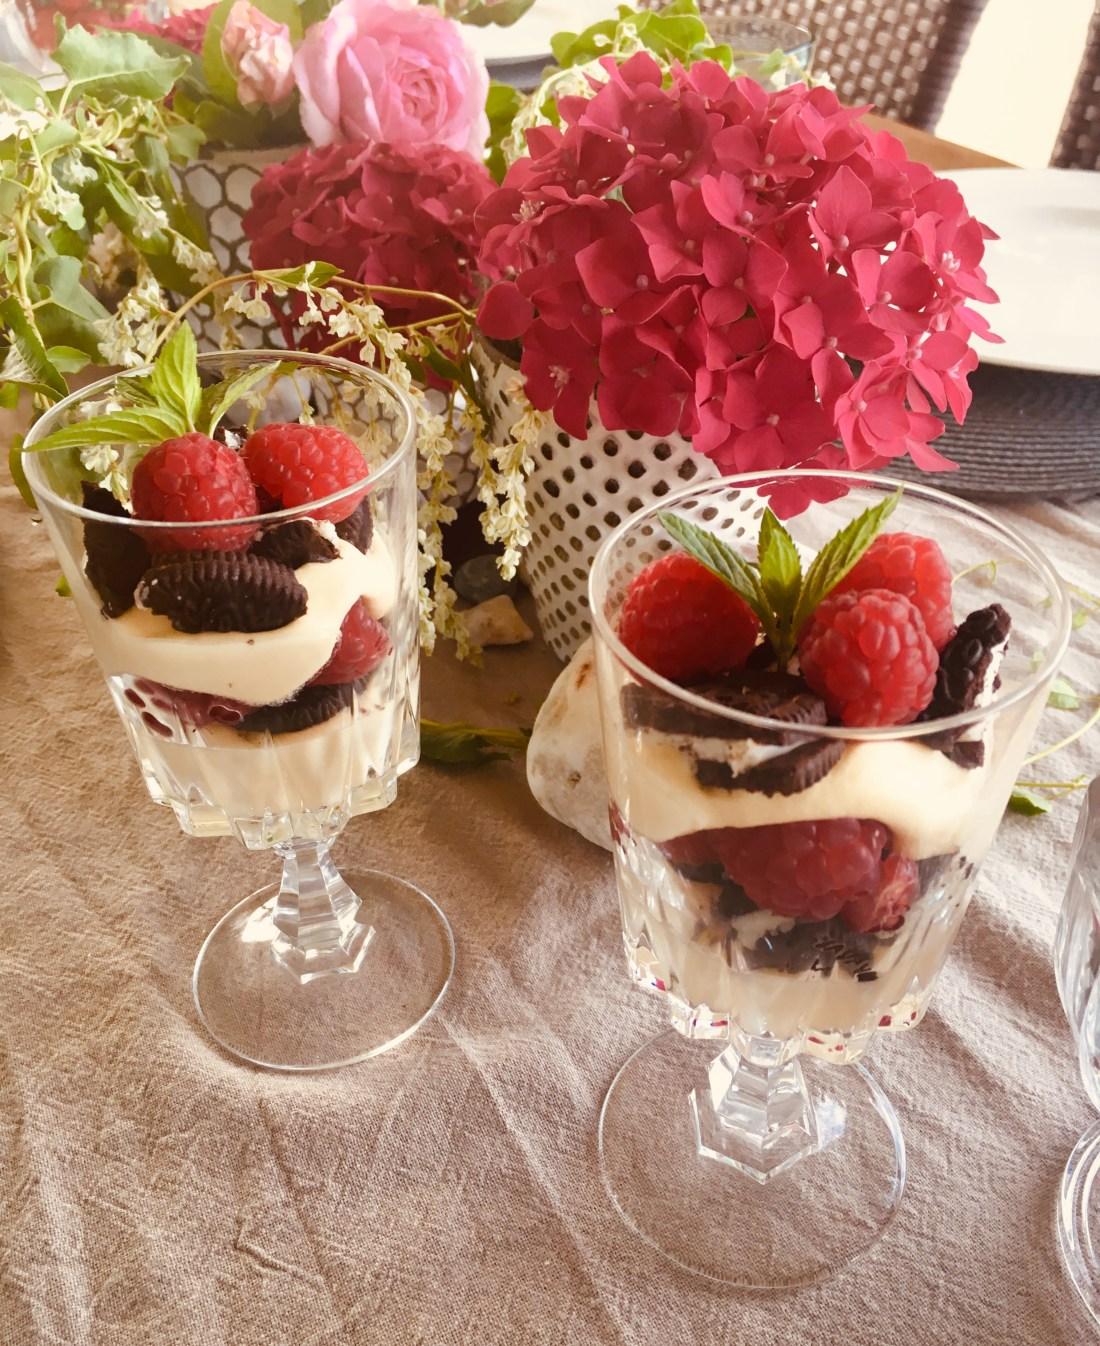 Mascarpone, Oreo, Himbeeren, Dessert, Dessert im Glas